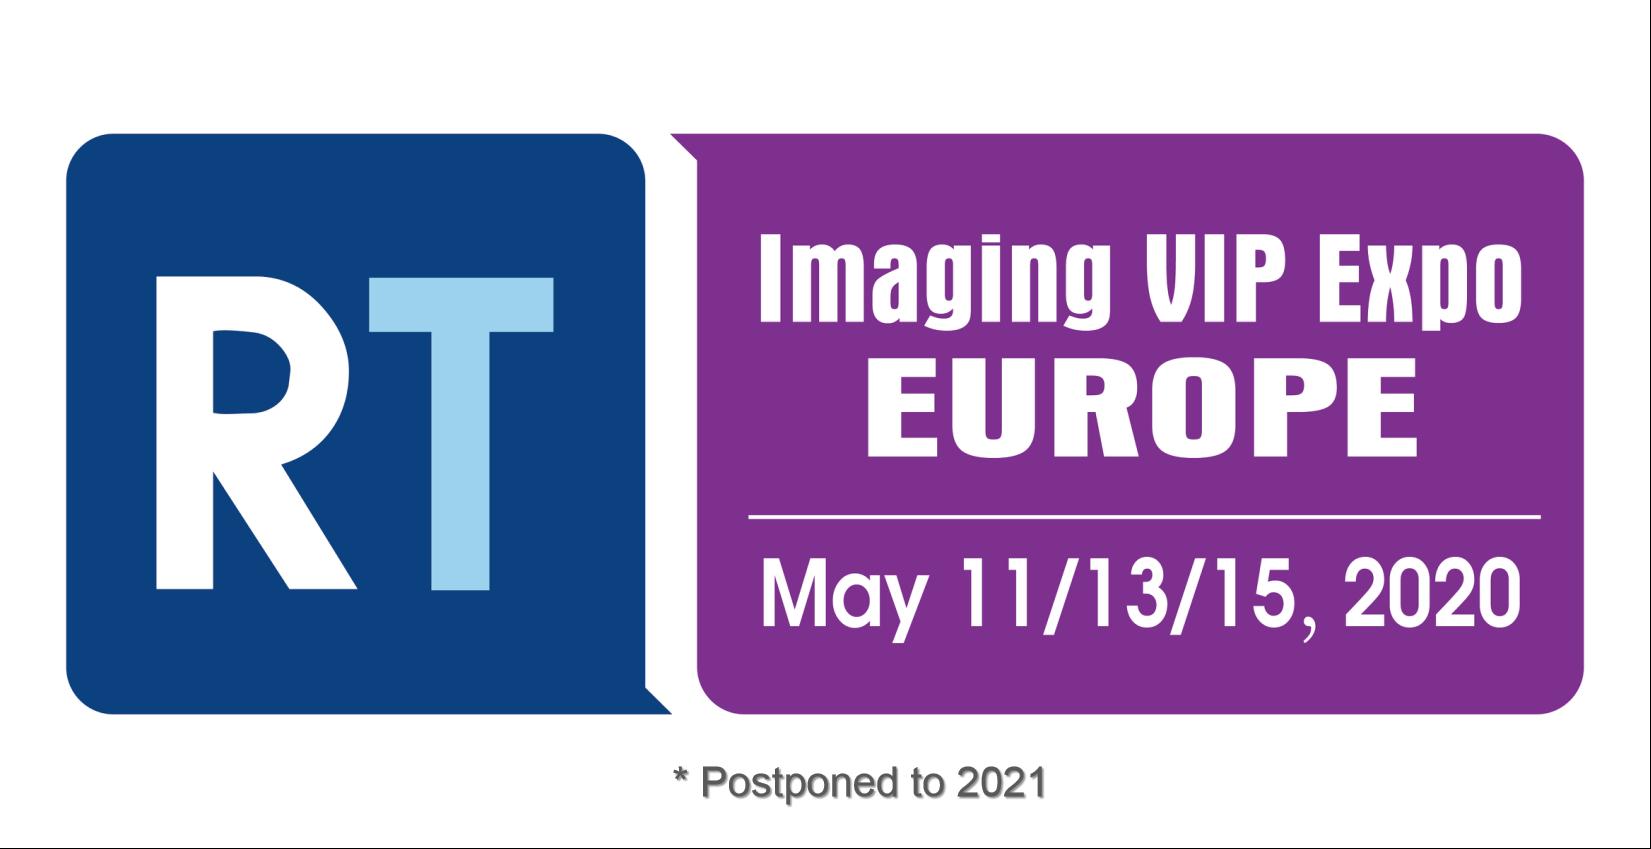 rt,imaging,vip,expo,europe,2020